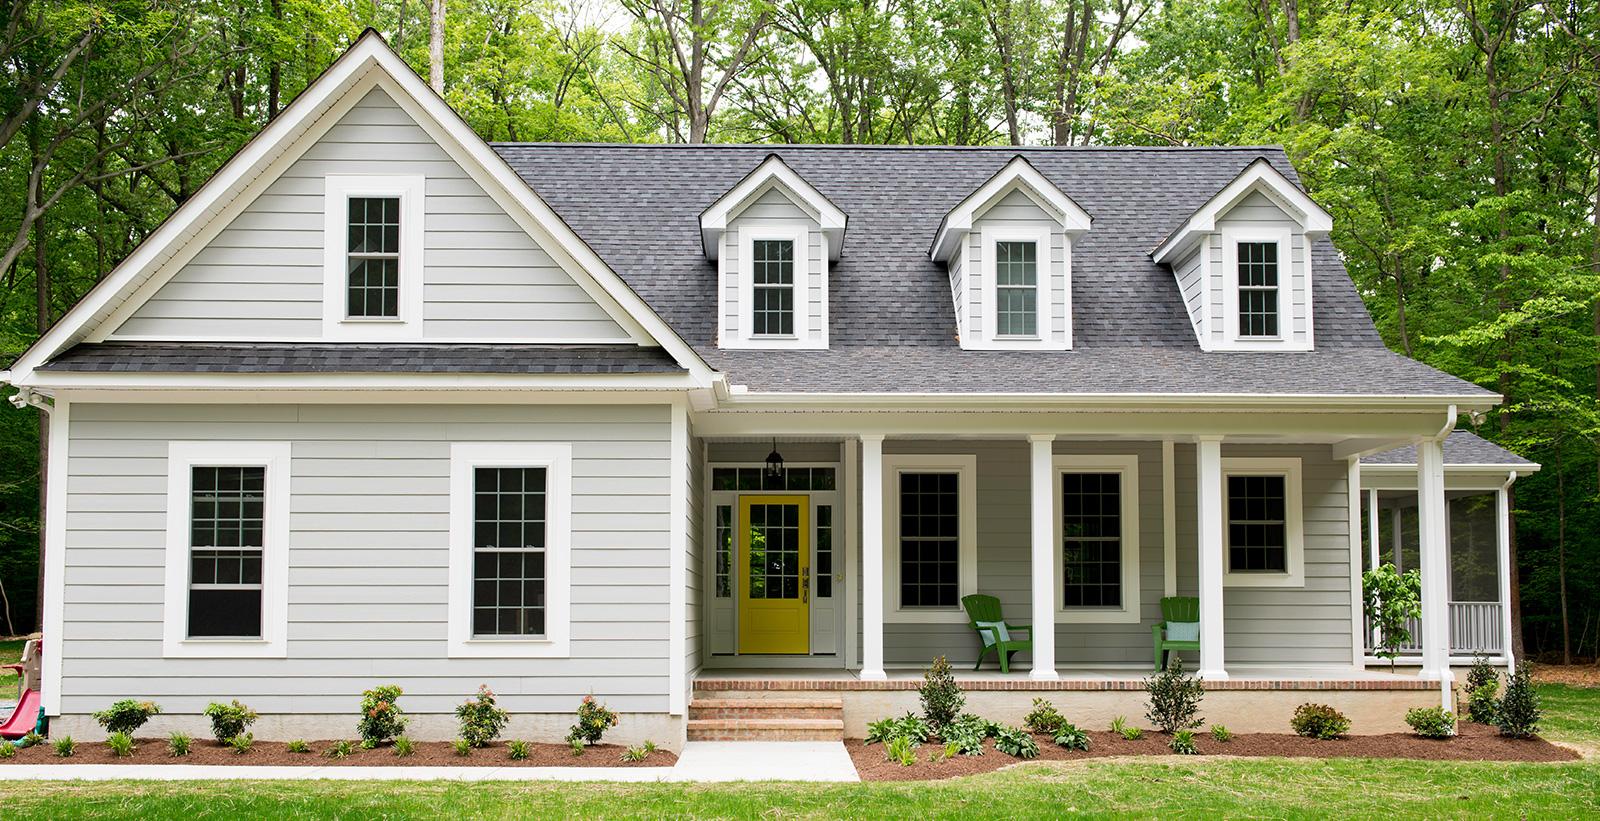 Farmhouse Exterior Colors Ideas And Inspiration Paint Colors Behr